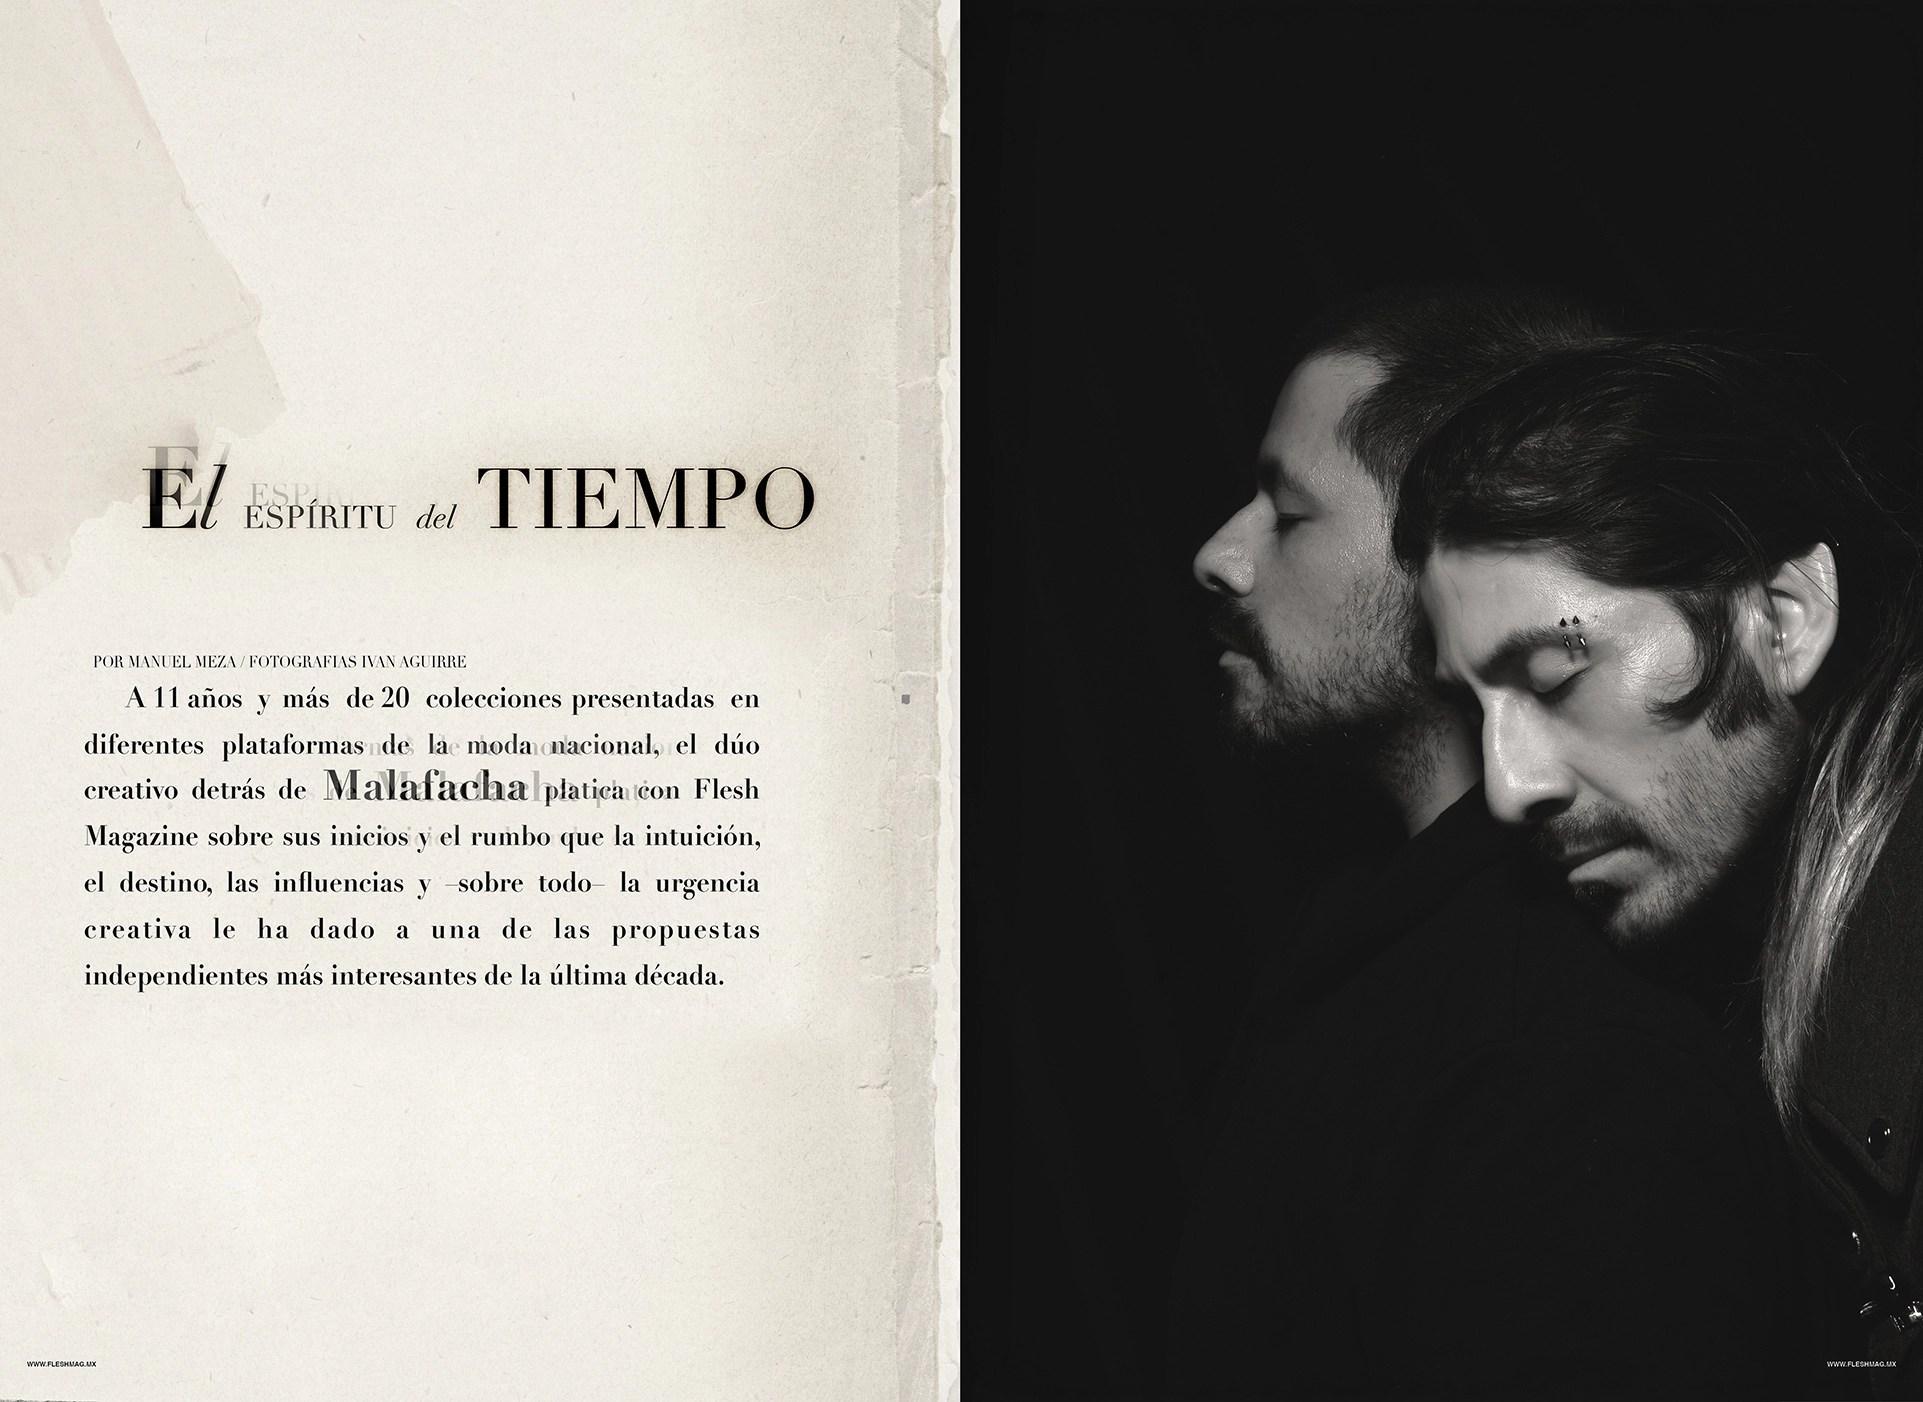 Malafacha entrevista por Manuel Meza, El espíritu del tiempo, Fotografía Ivan Aguirre